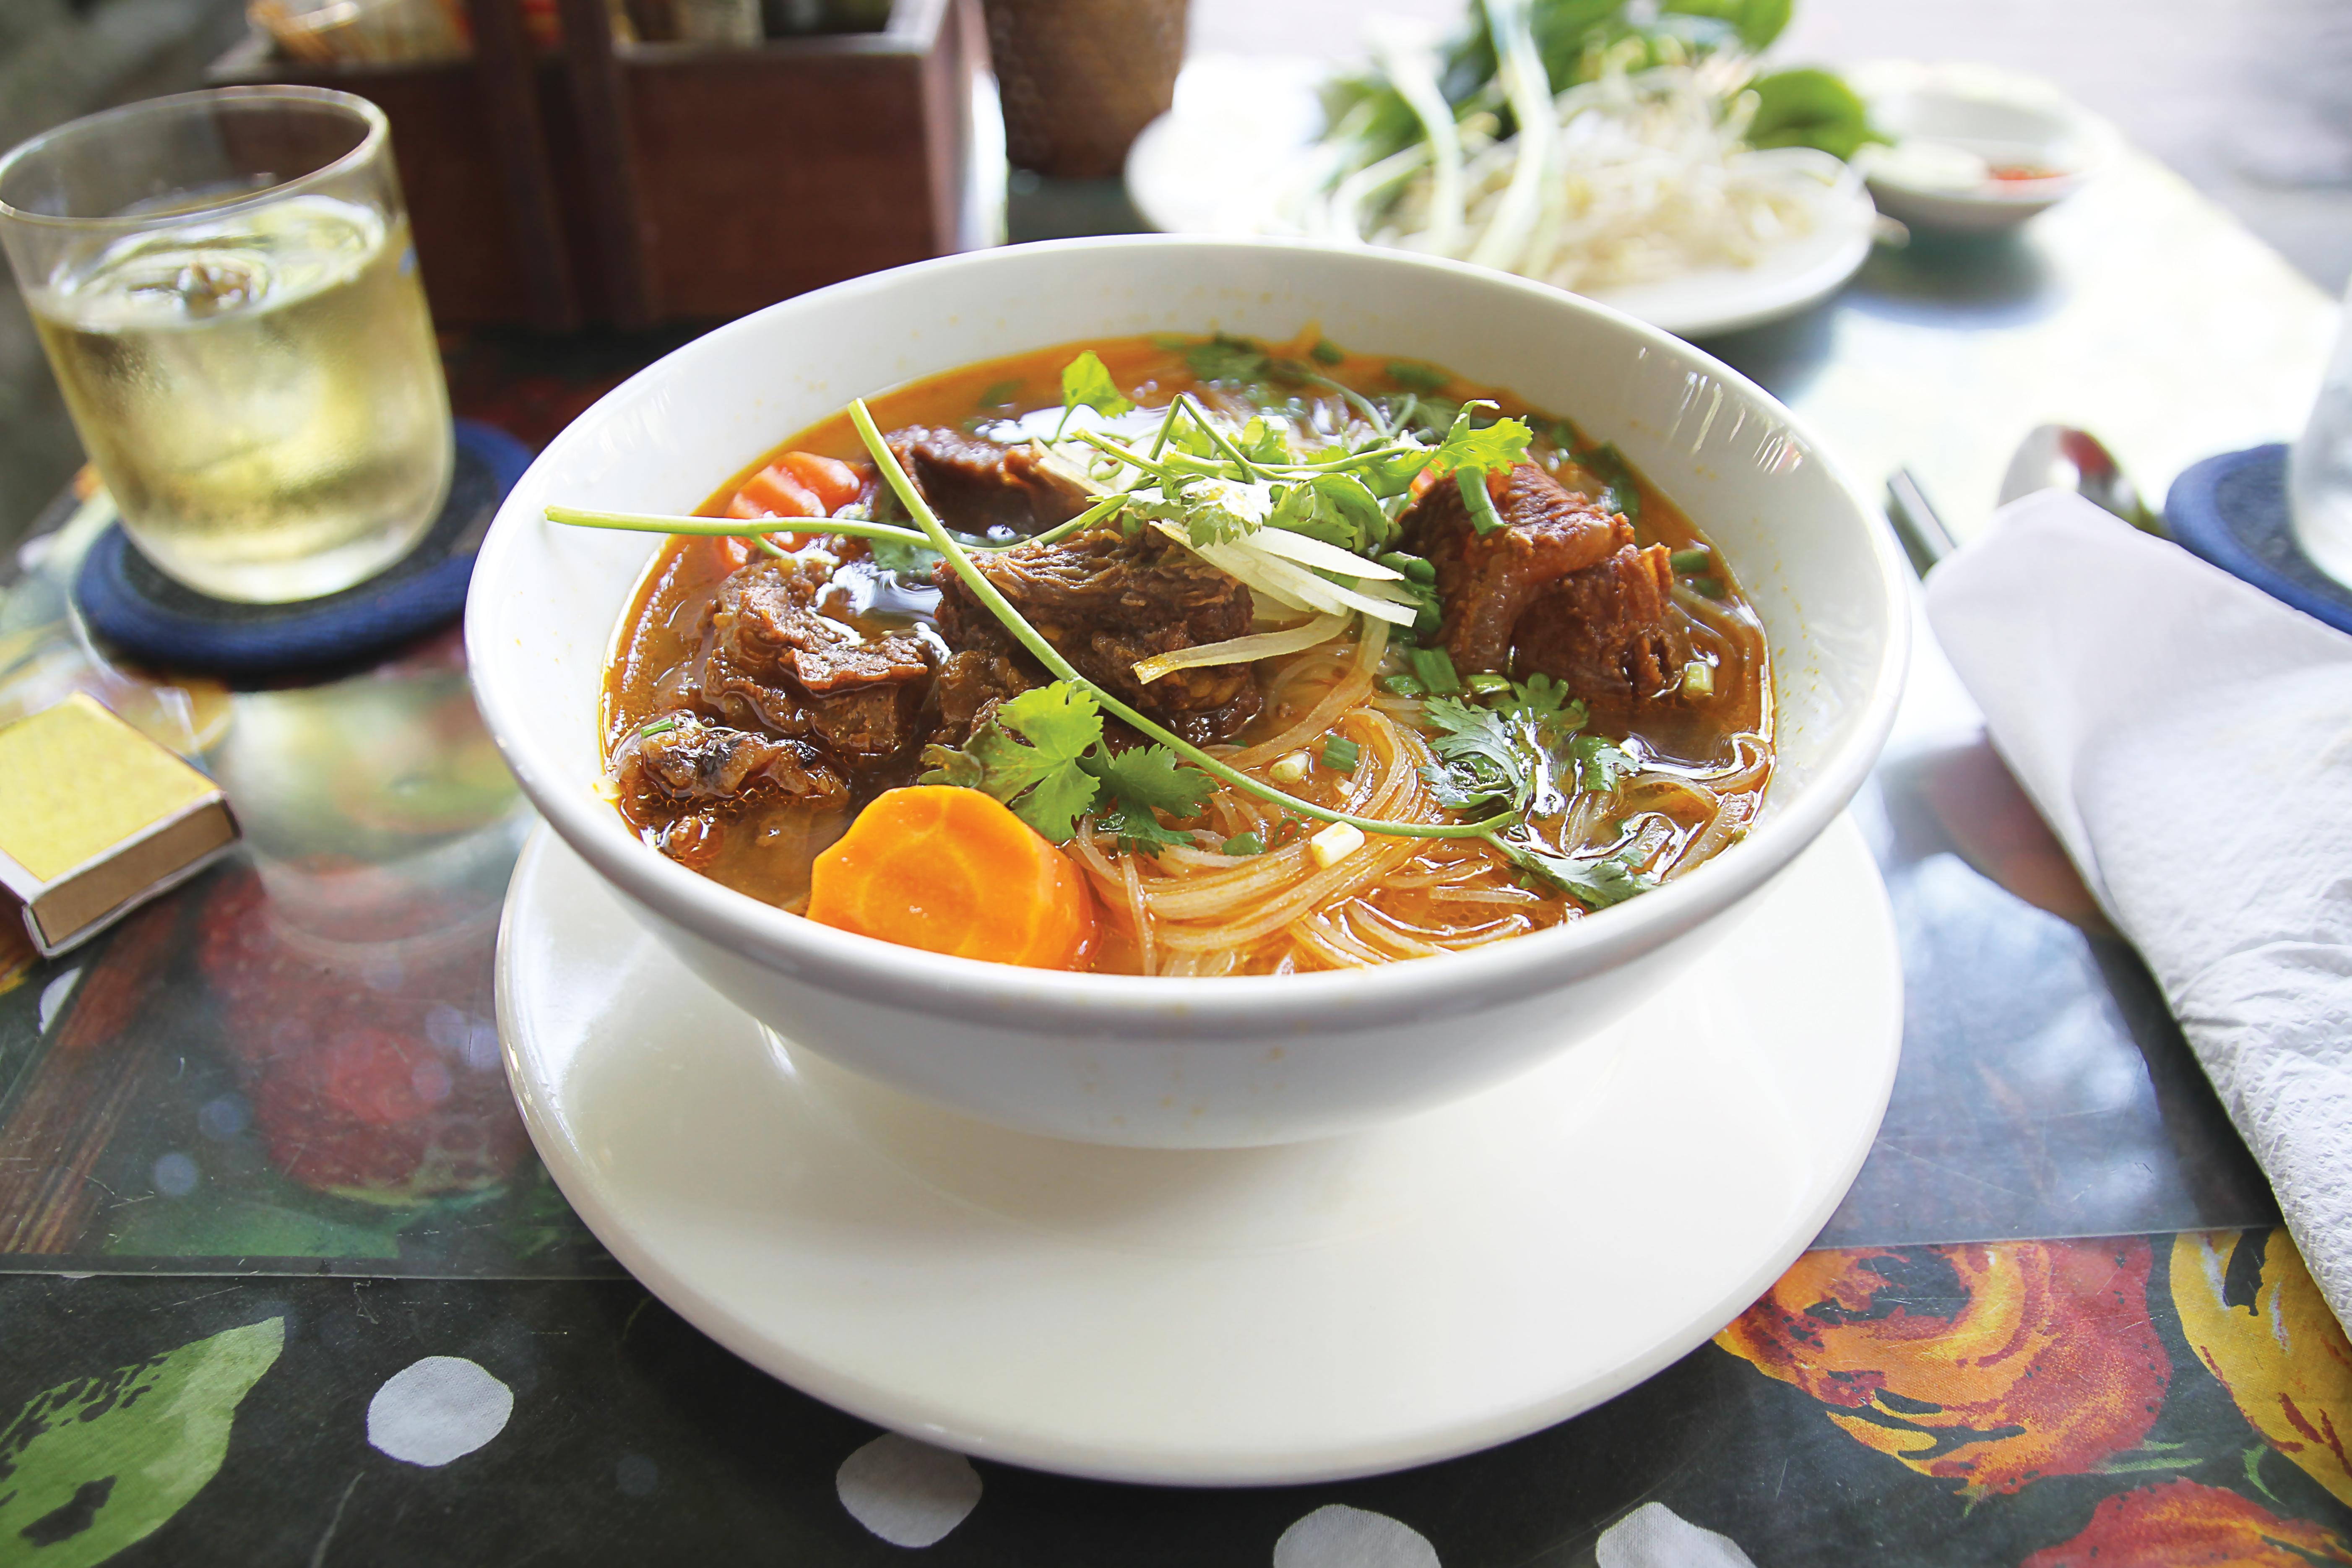 Free Images Vietnam Asia Meat Dish Noodle Soup